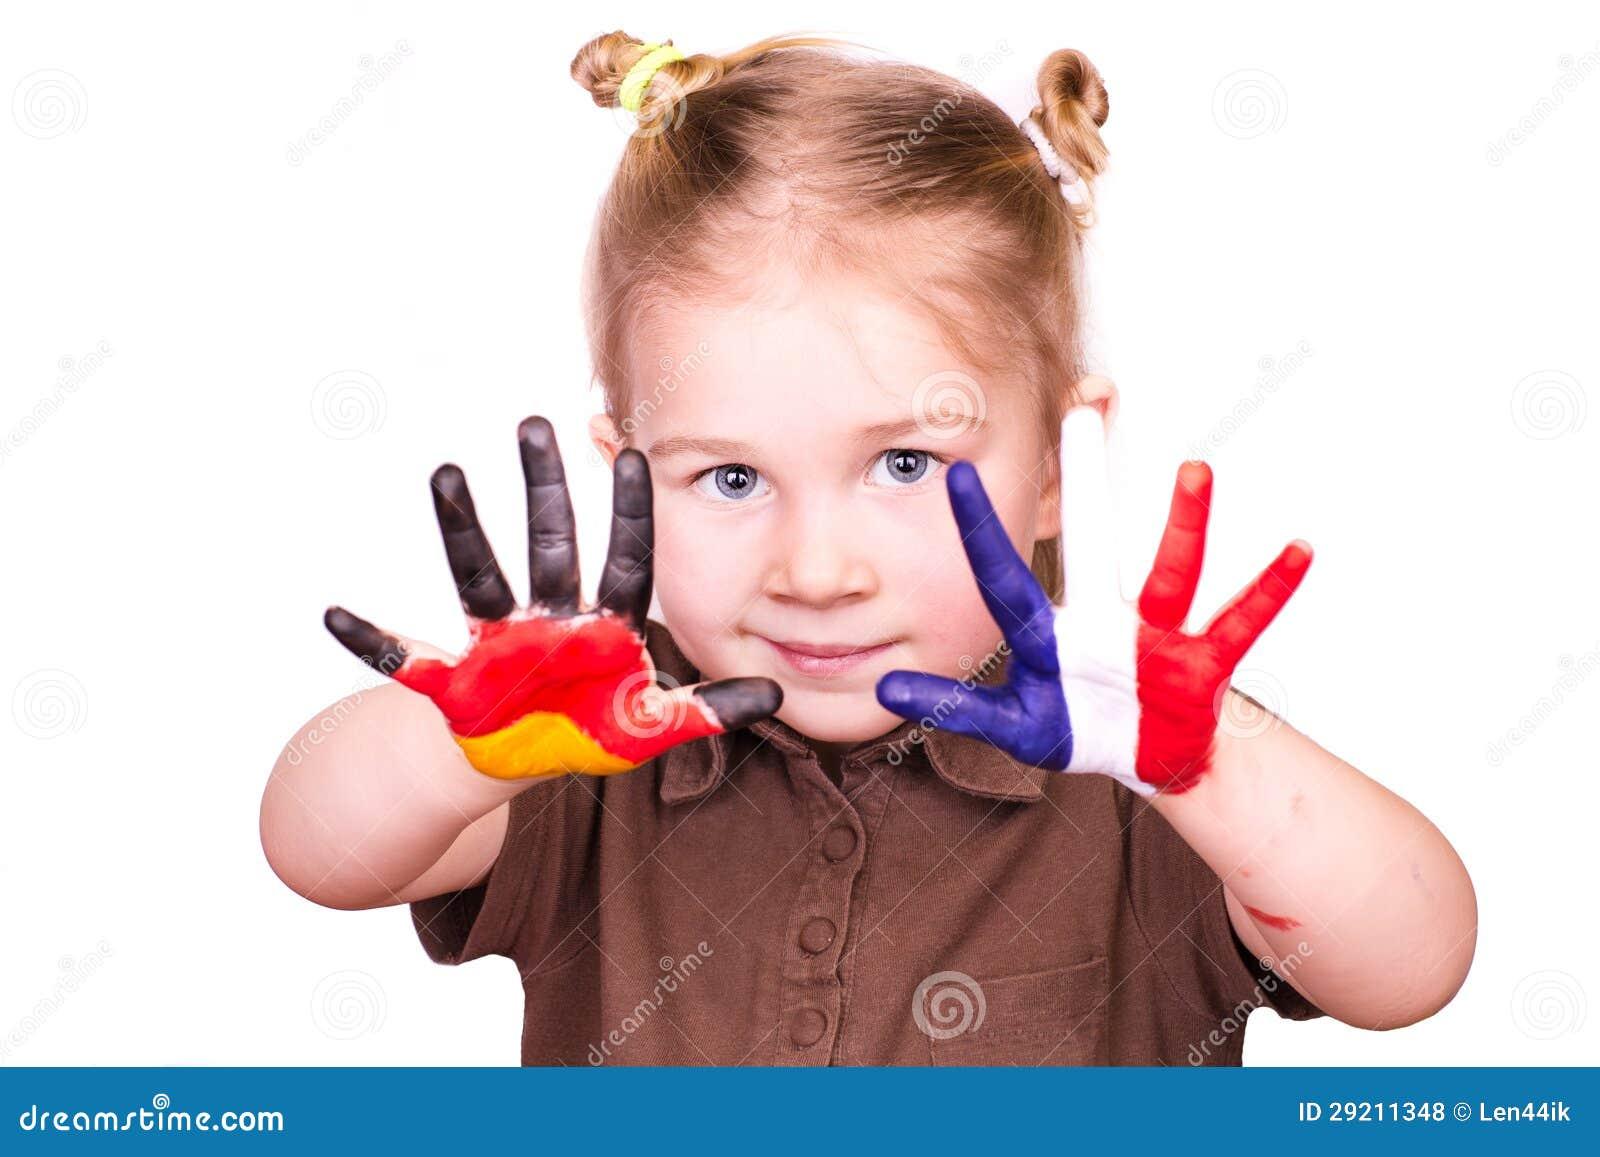 Занятие для детей старшего дошкольного возраста « 92